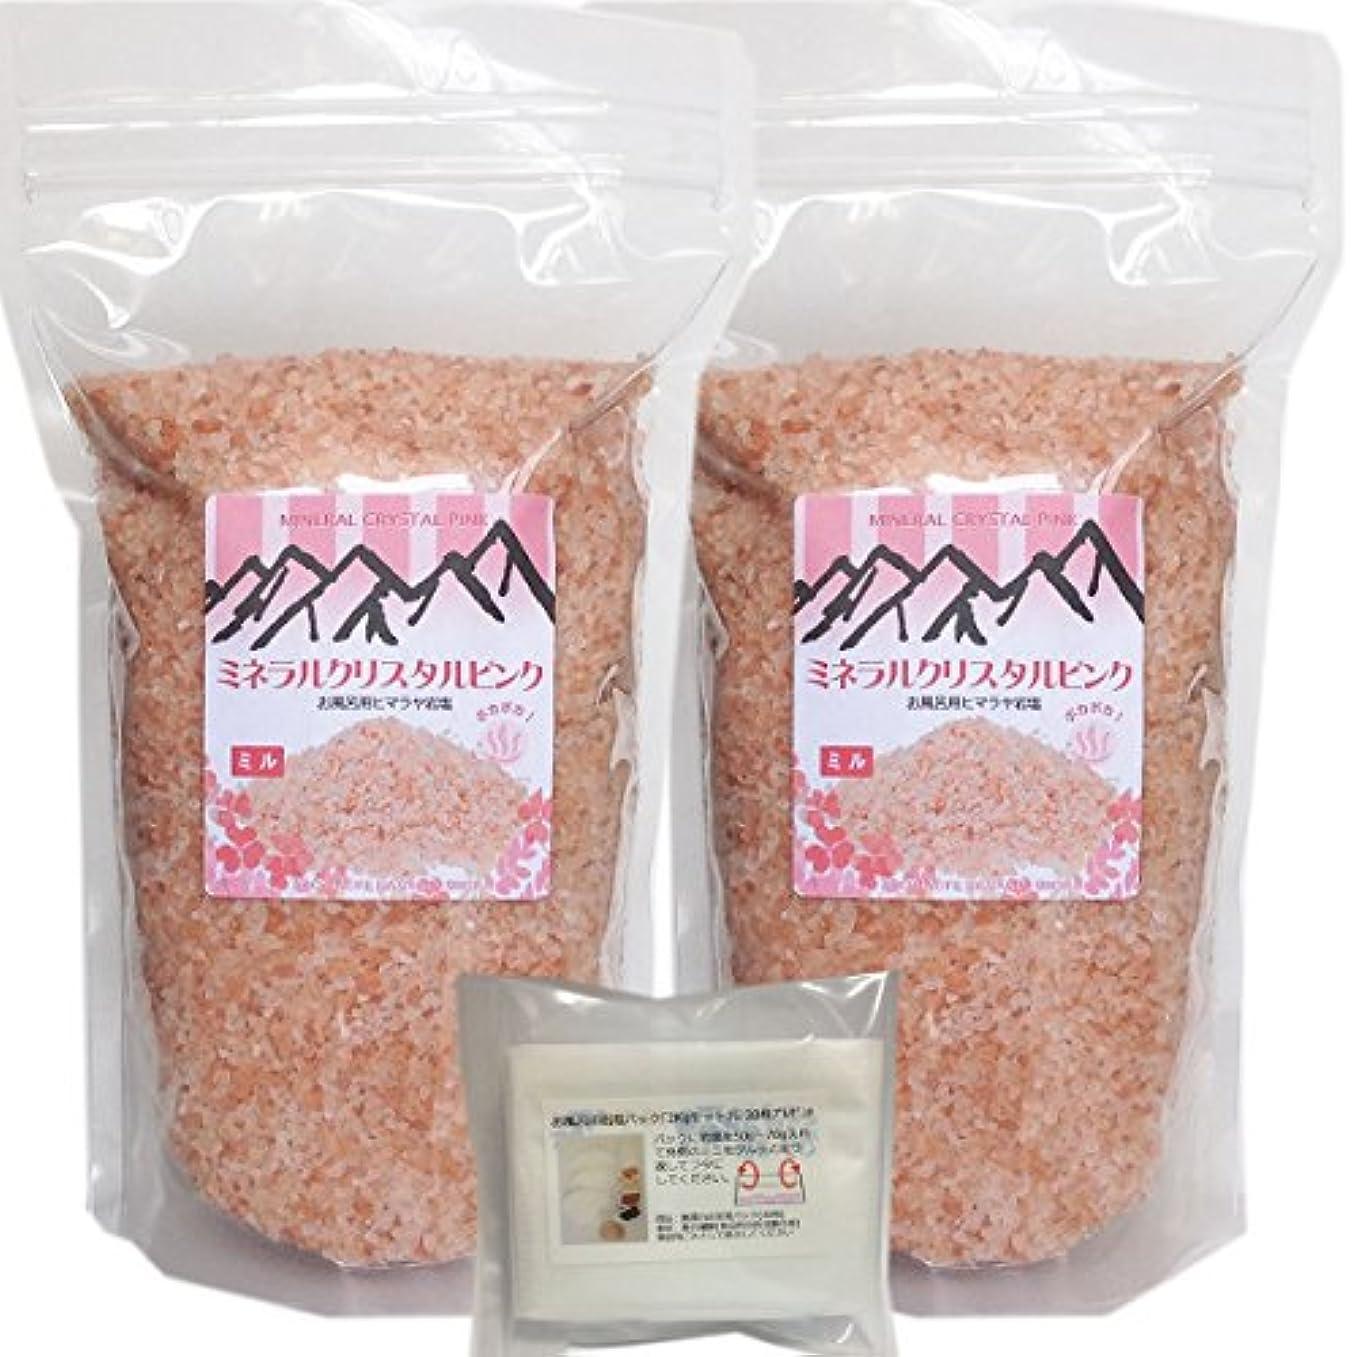 お手伝いさん急性合体ヒマラヤ岩塩 ミネラルクリスタル ピンク [2Kgセット]